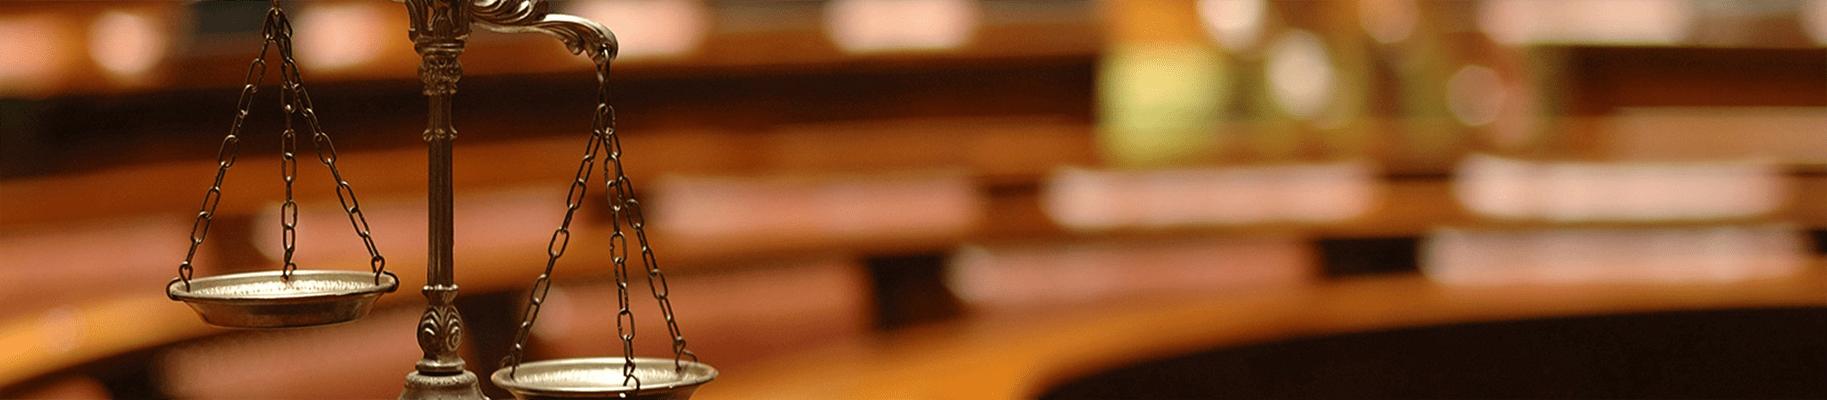 Ανάθεση Επιμέλειας 14χρονης Ανήλικης στον πατέρα